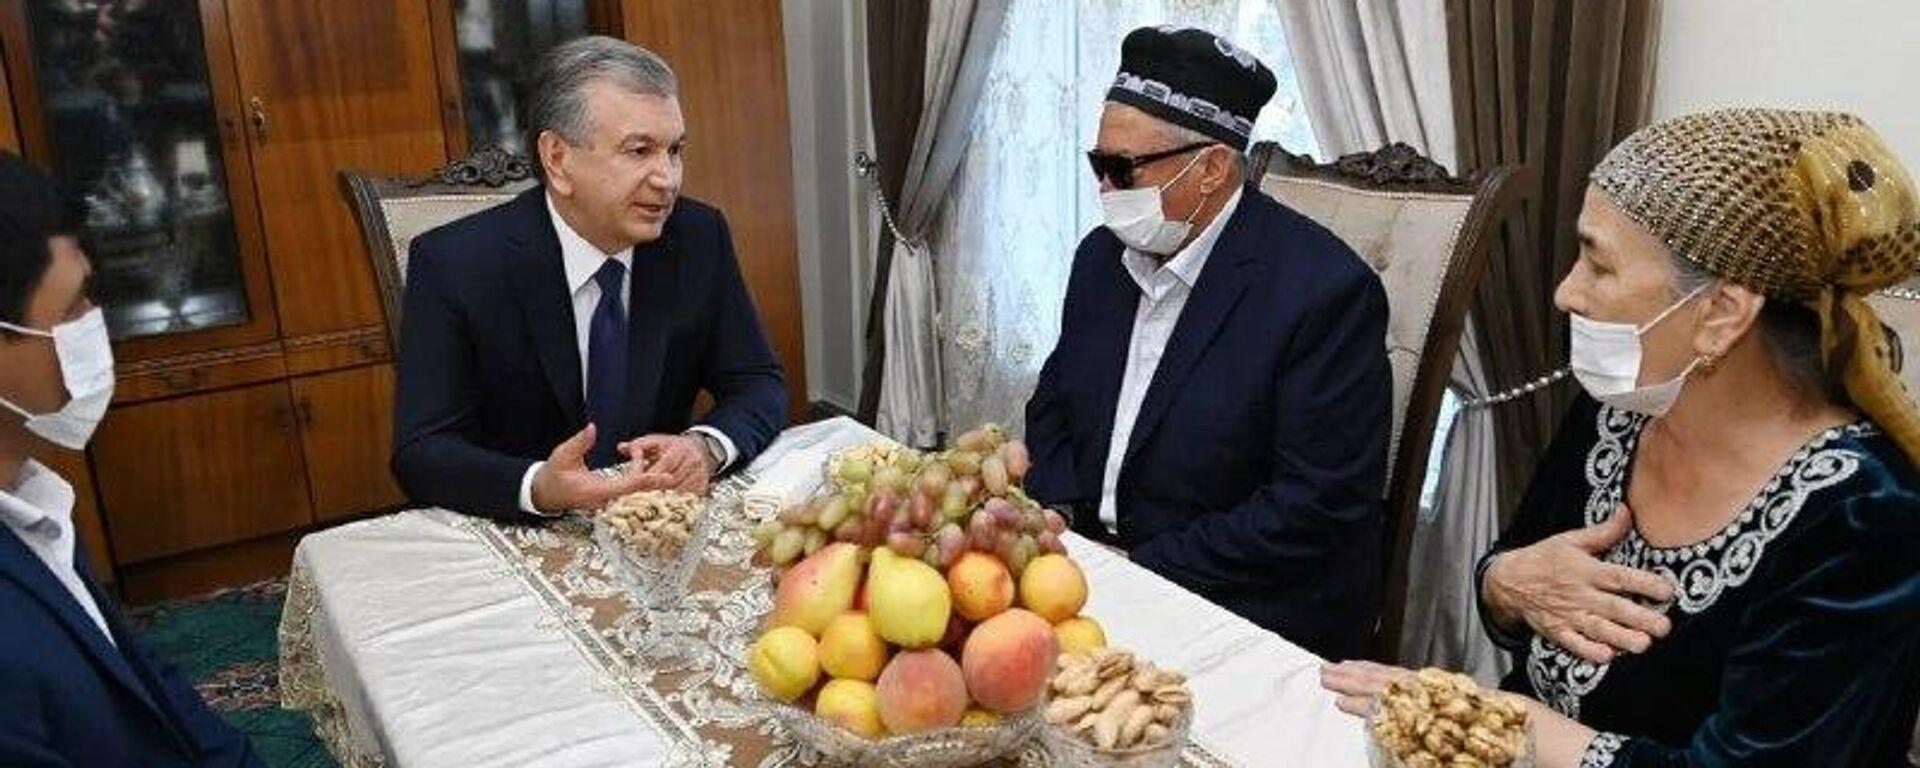 Президент Узбекистана Шавкат Мирзиёев в завершение поездки в Самарканд посетил махаллю Шарк тонги  - Sputnik Узбекистан, 1920, 24.09.2021